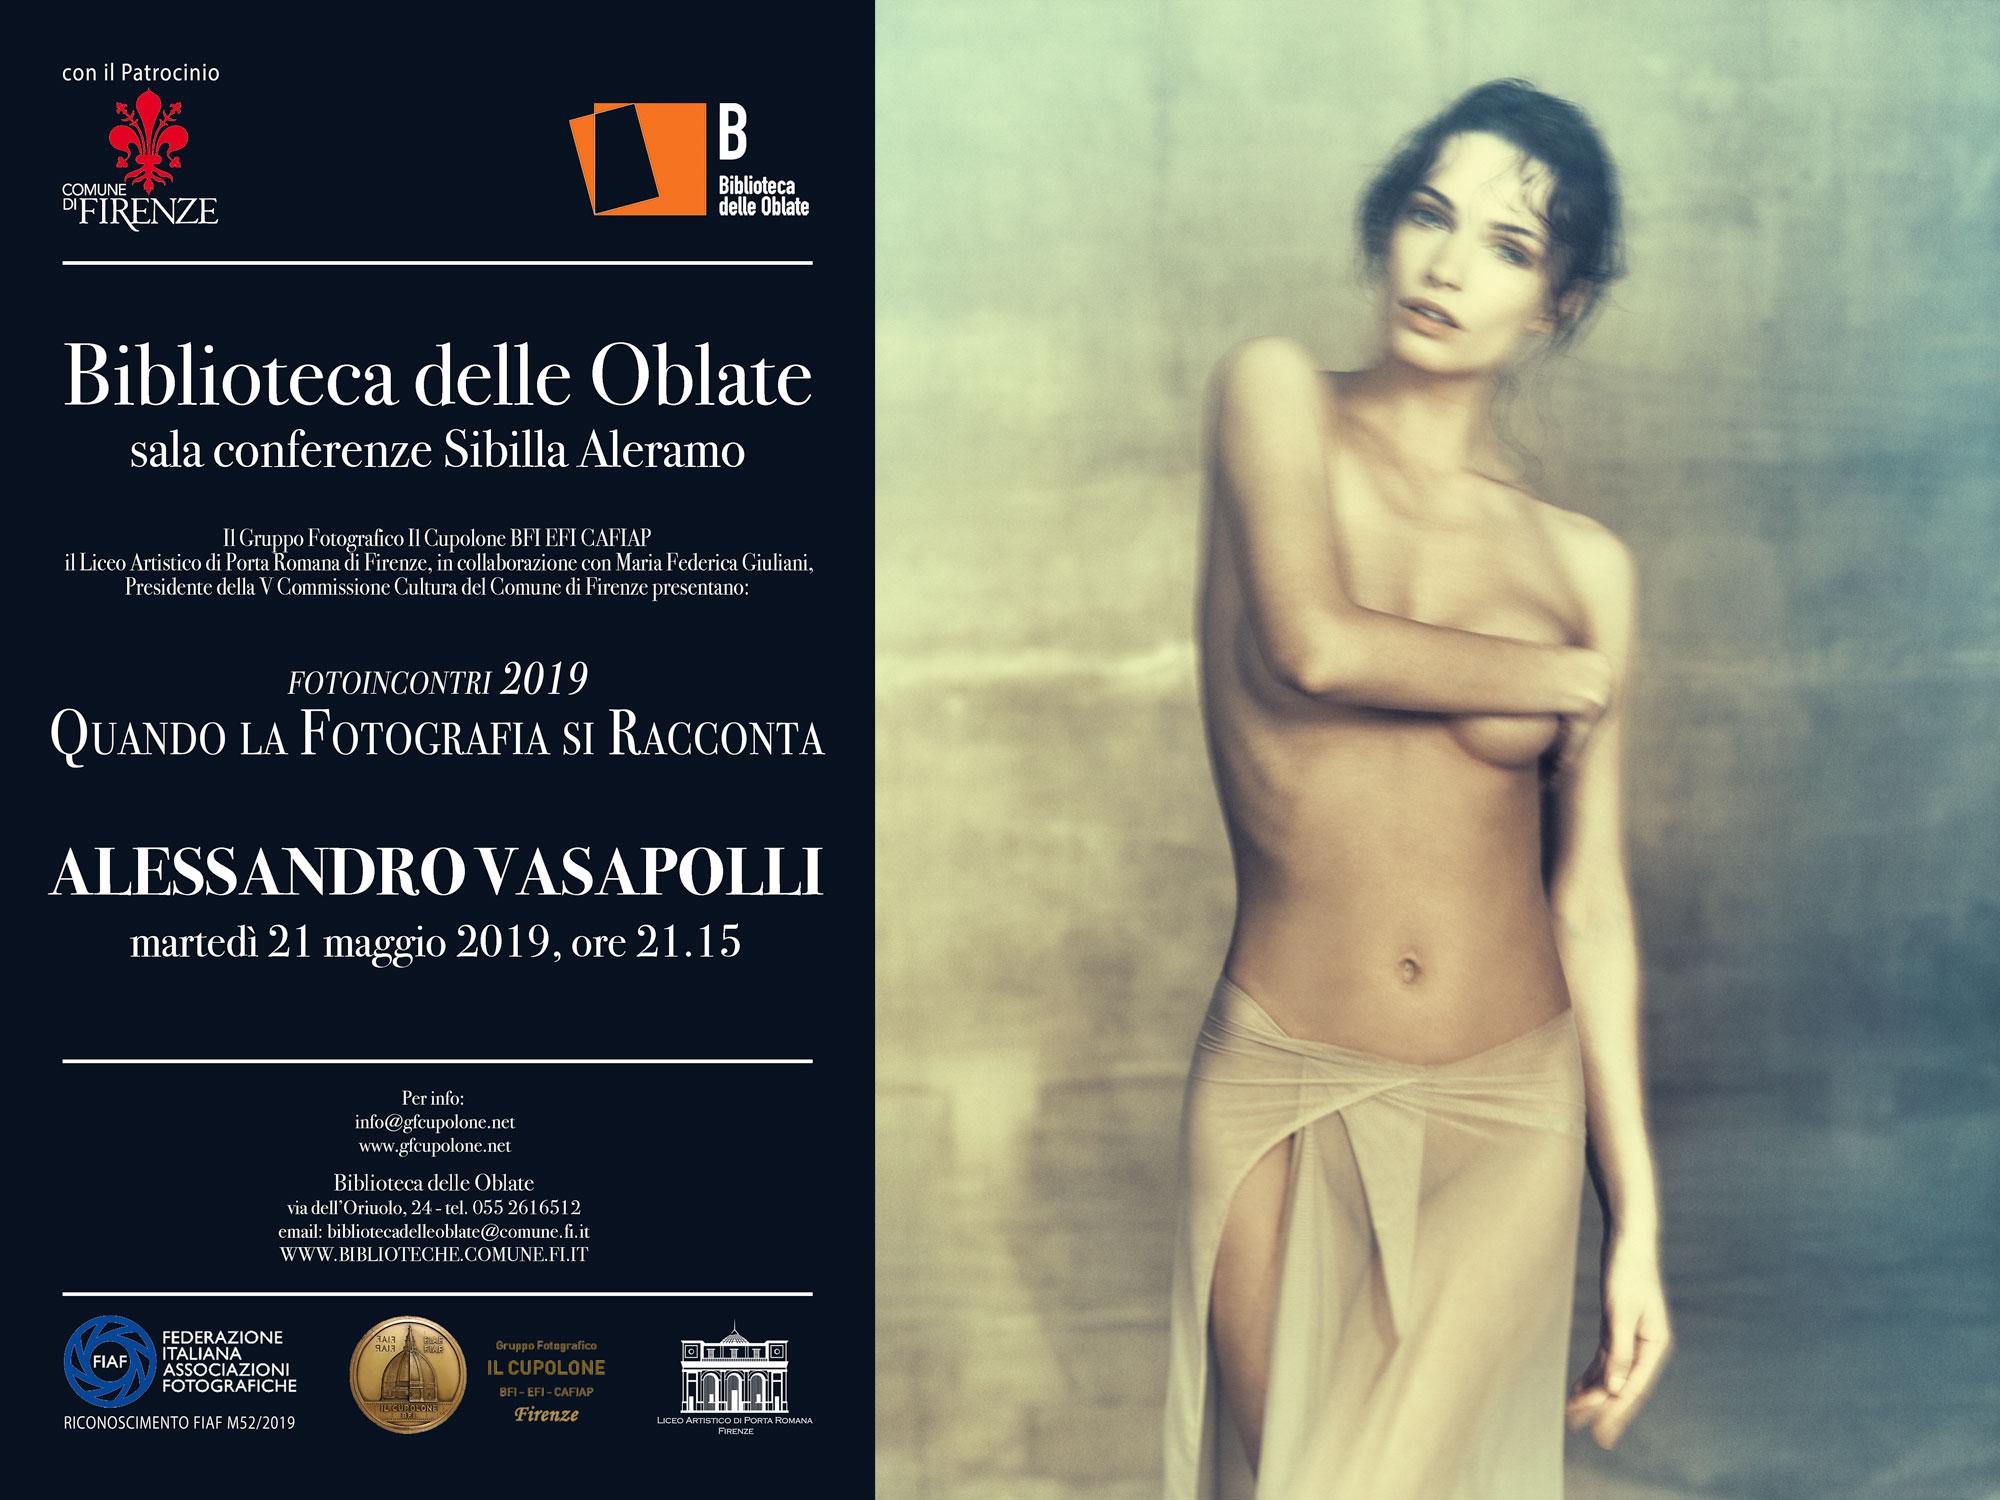 Invitation_il_Cupolone_Biblioteca_delle_Oblate_sala_conferenze_Sibilla_Aleramo_Alessandro_Vasapolli_21_05_2019